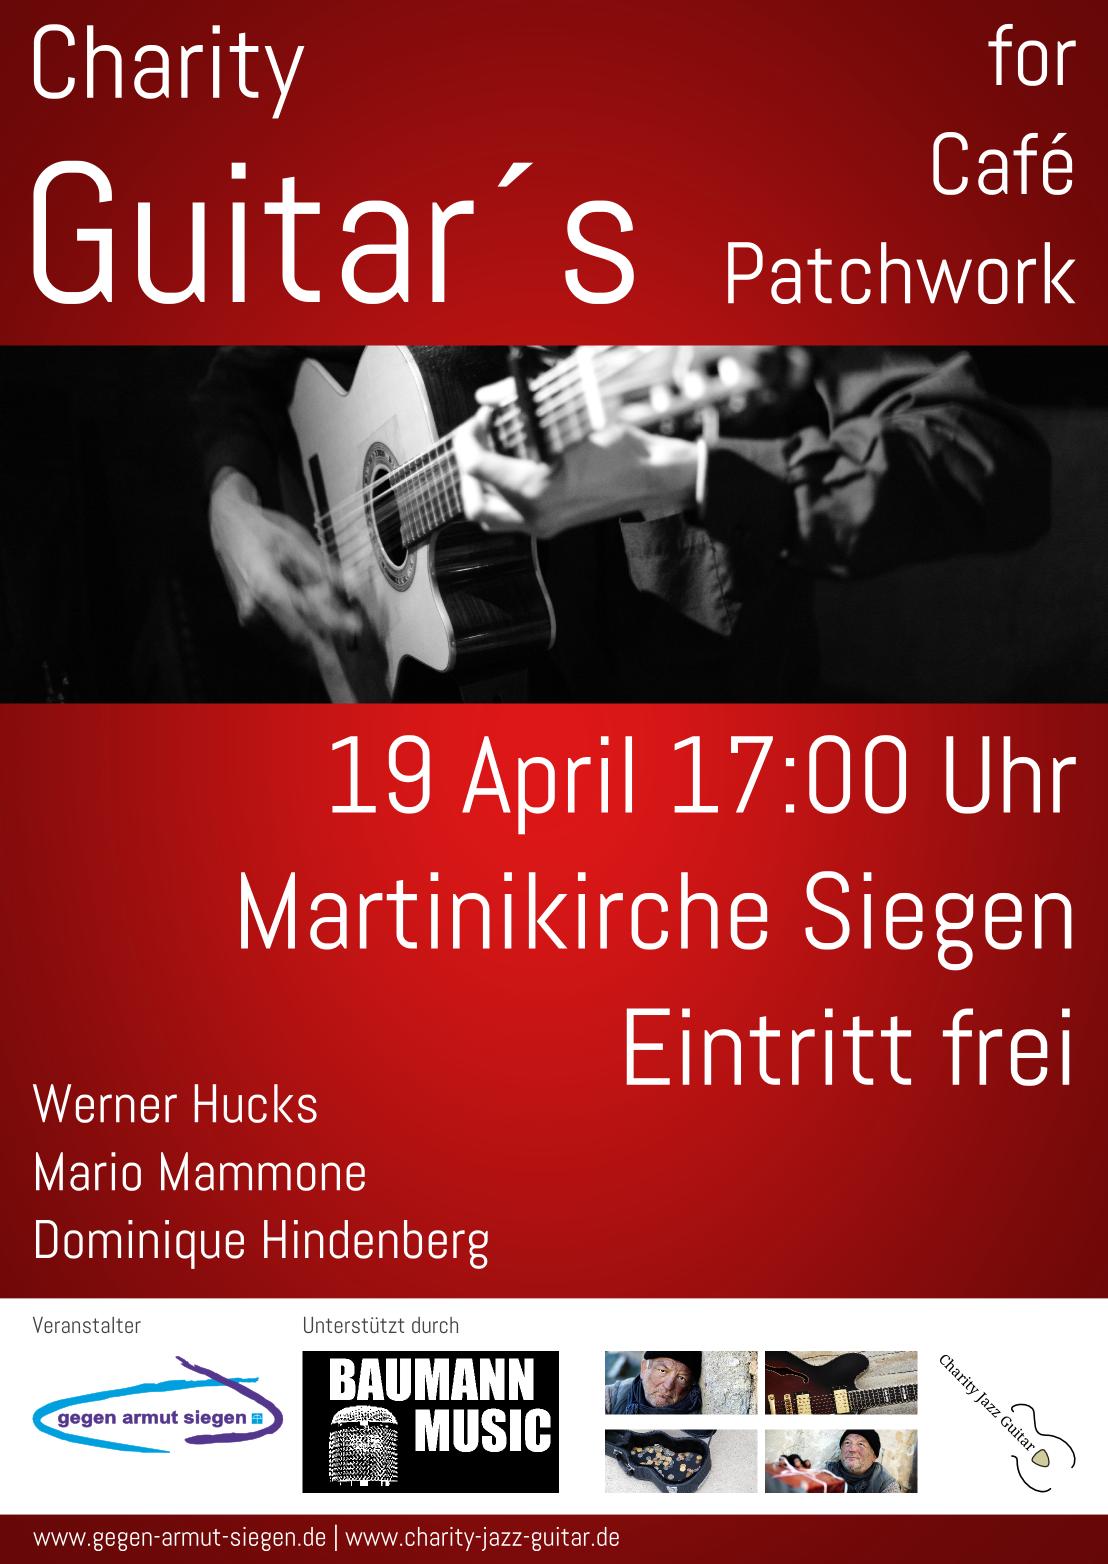 Musik Gutes tun Spenden Armut Wohnungslos Gitarre speilen Charity Guitar Siegen gegen armut Not Hilfe Café Patchwork